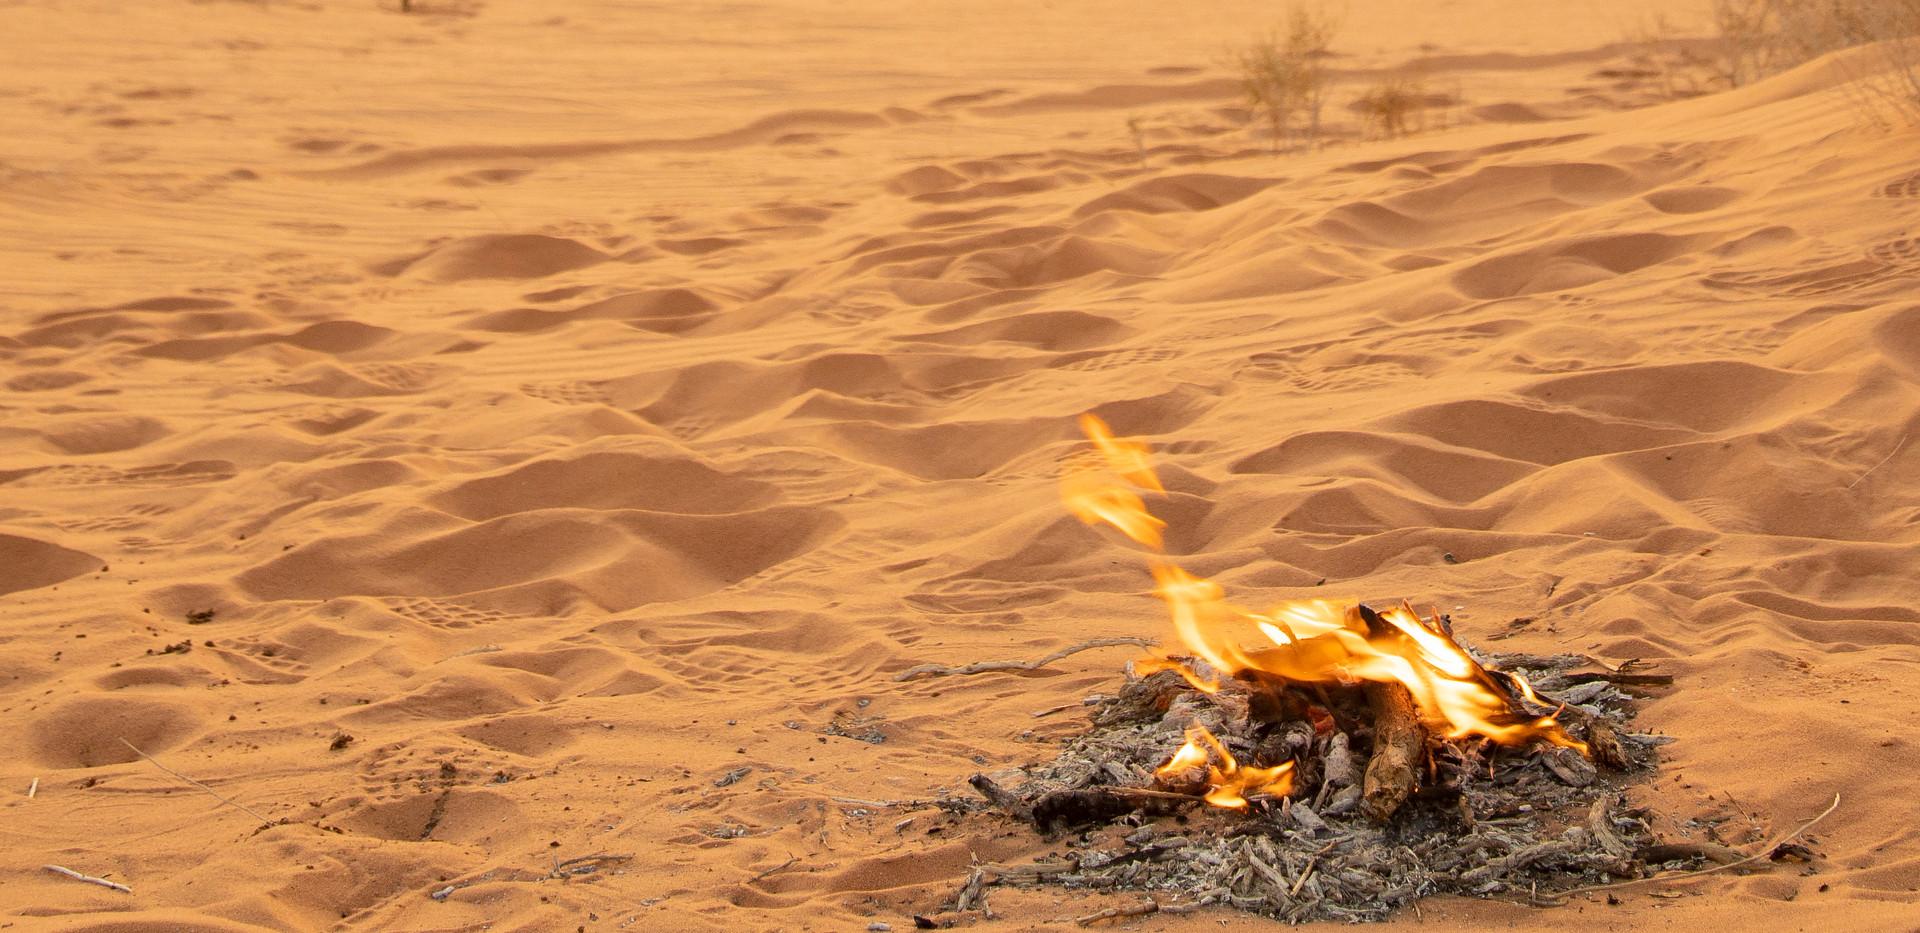 Desert camp fire